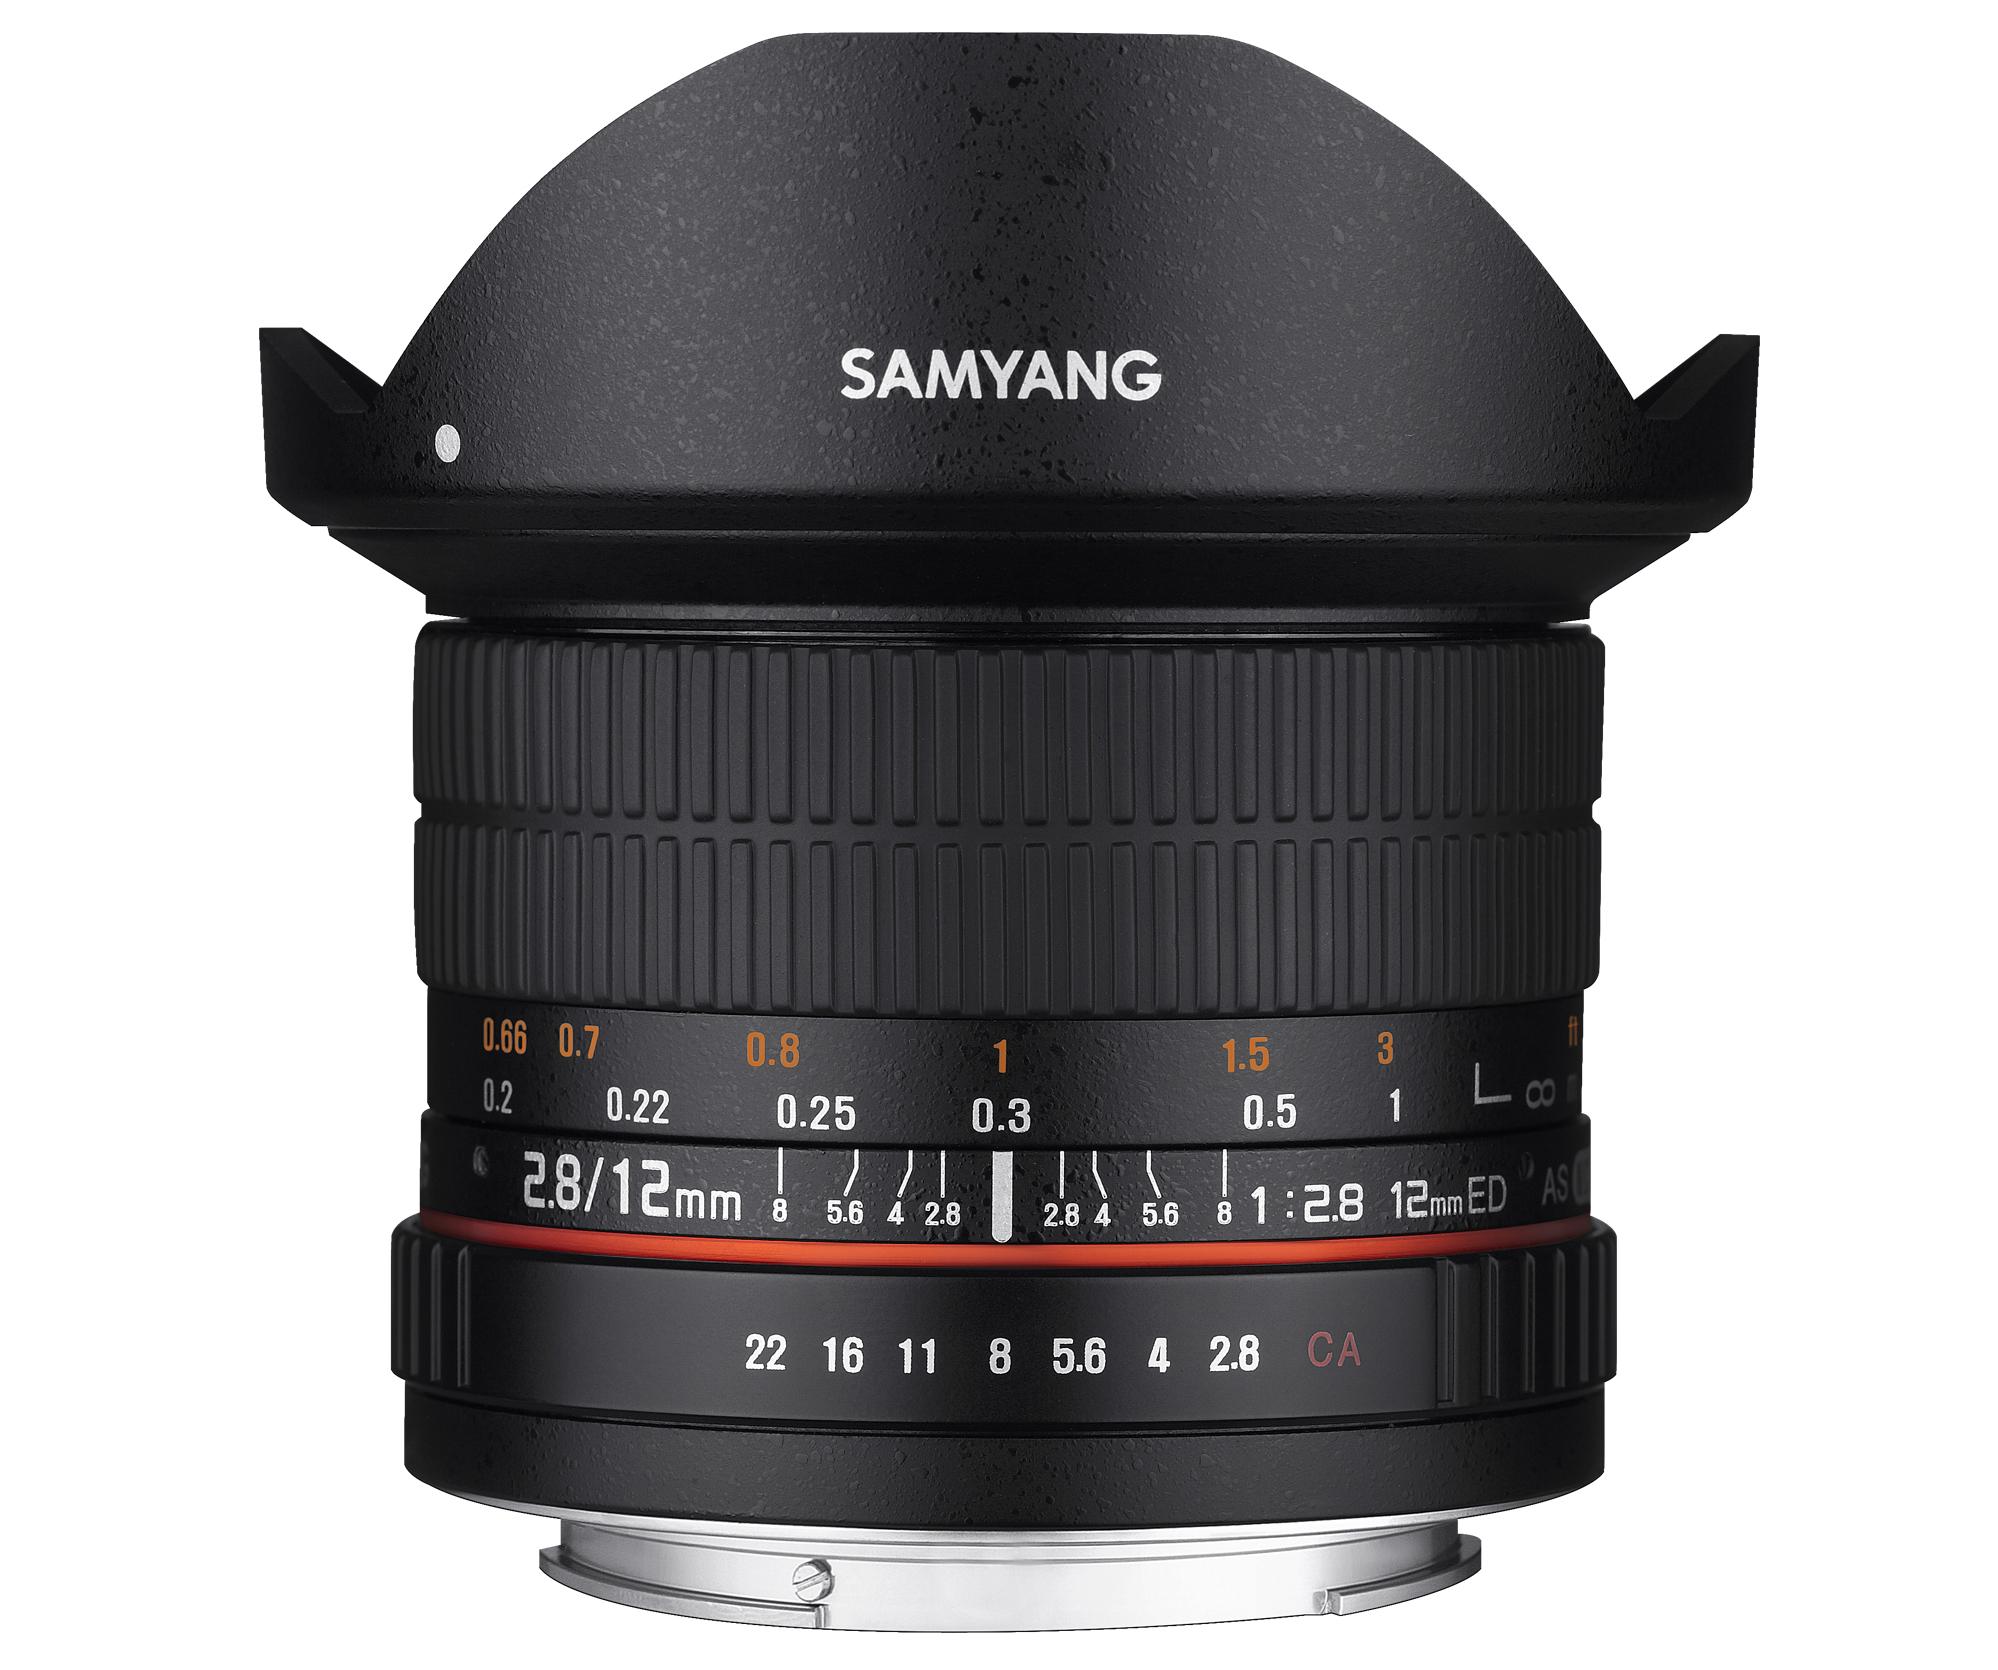 SAMYANG 12mm F2.8 ED AS NCS FISH-EYE  ※在庫お問い合わせください